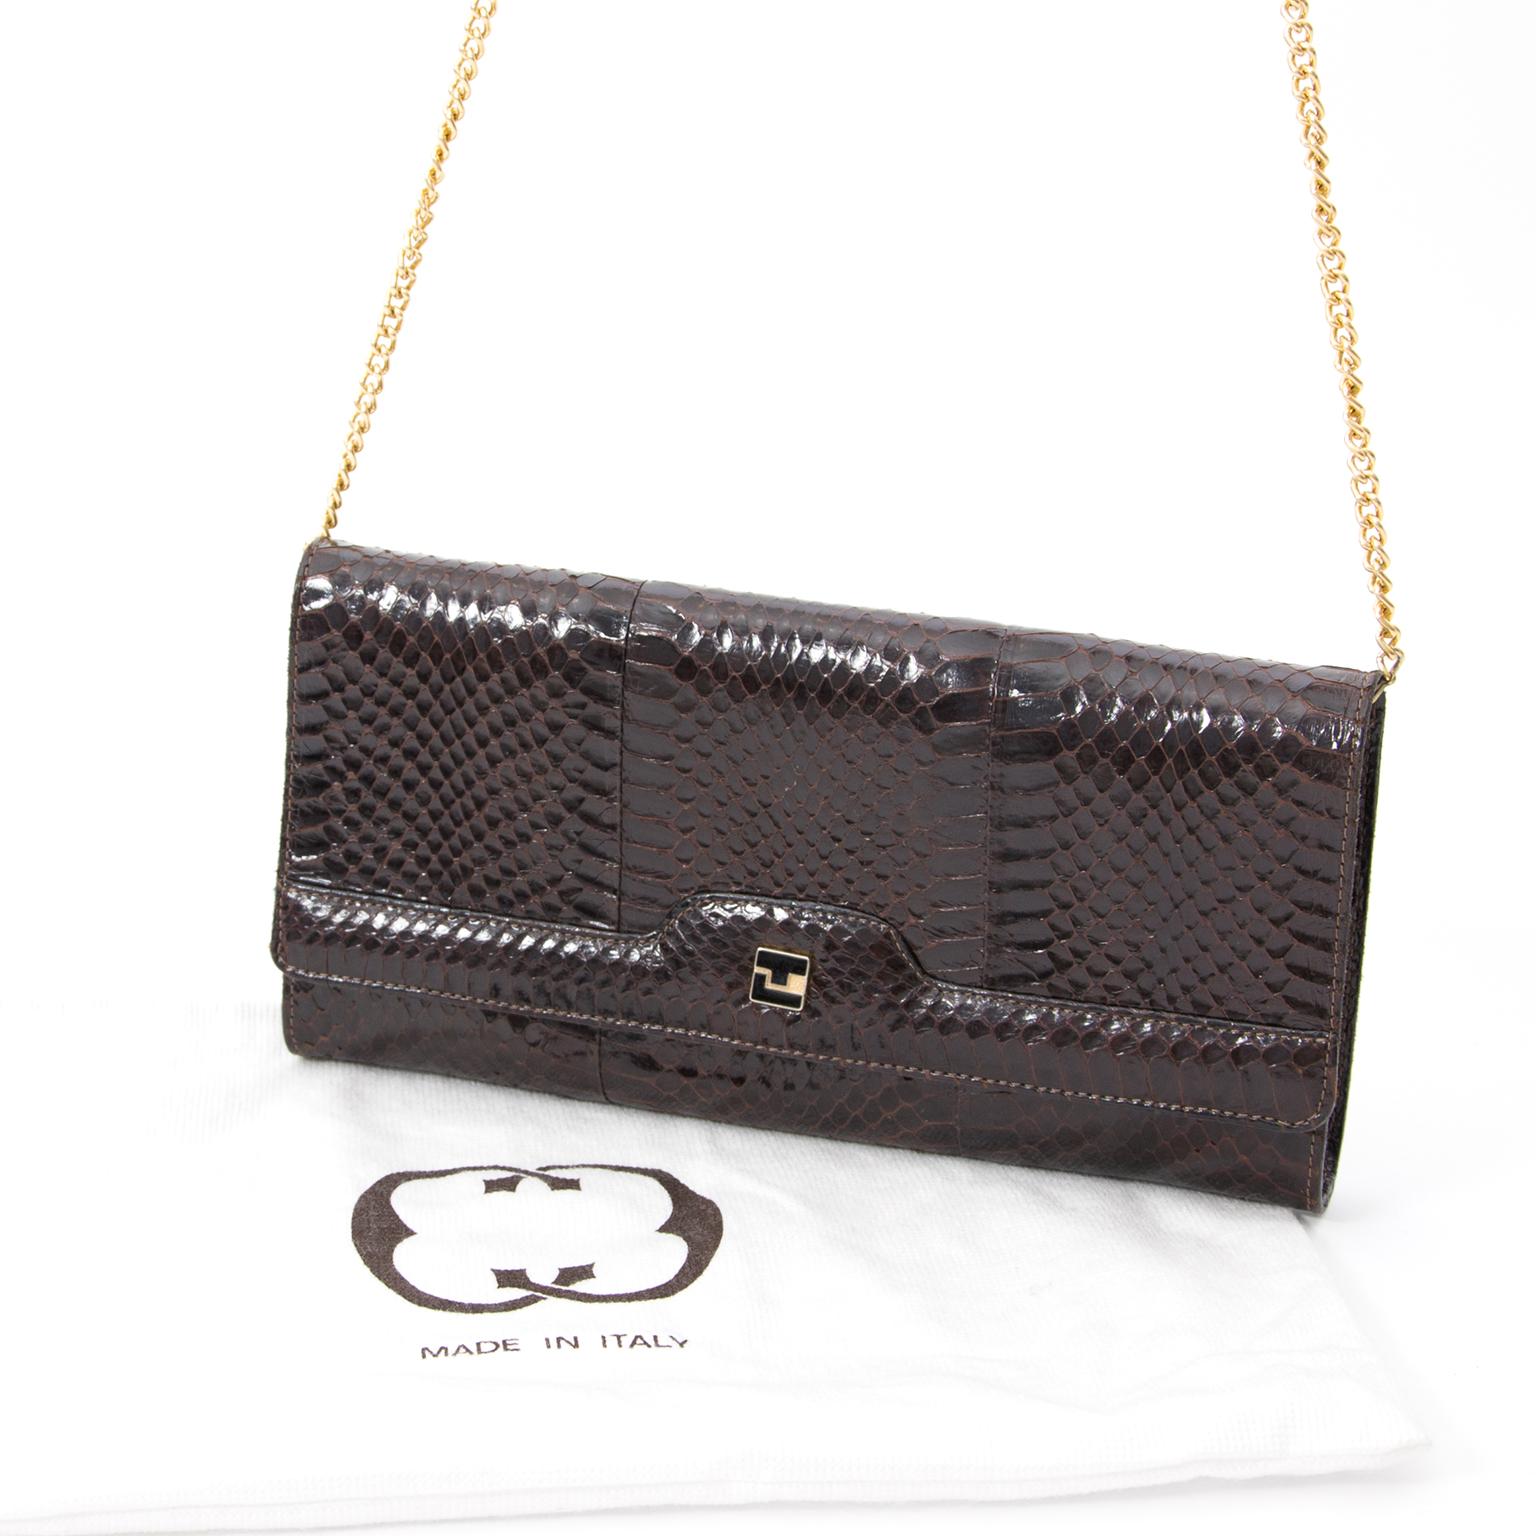 16371a2b4 ... Vintage Brown Croco Clutch handtasje. authentiek tweedehands veilig  online shoppen winkelen online webshop LabelLOV Antwerpen